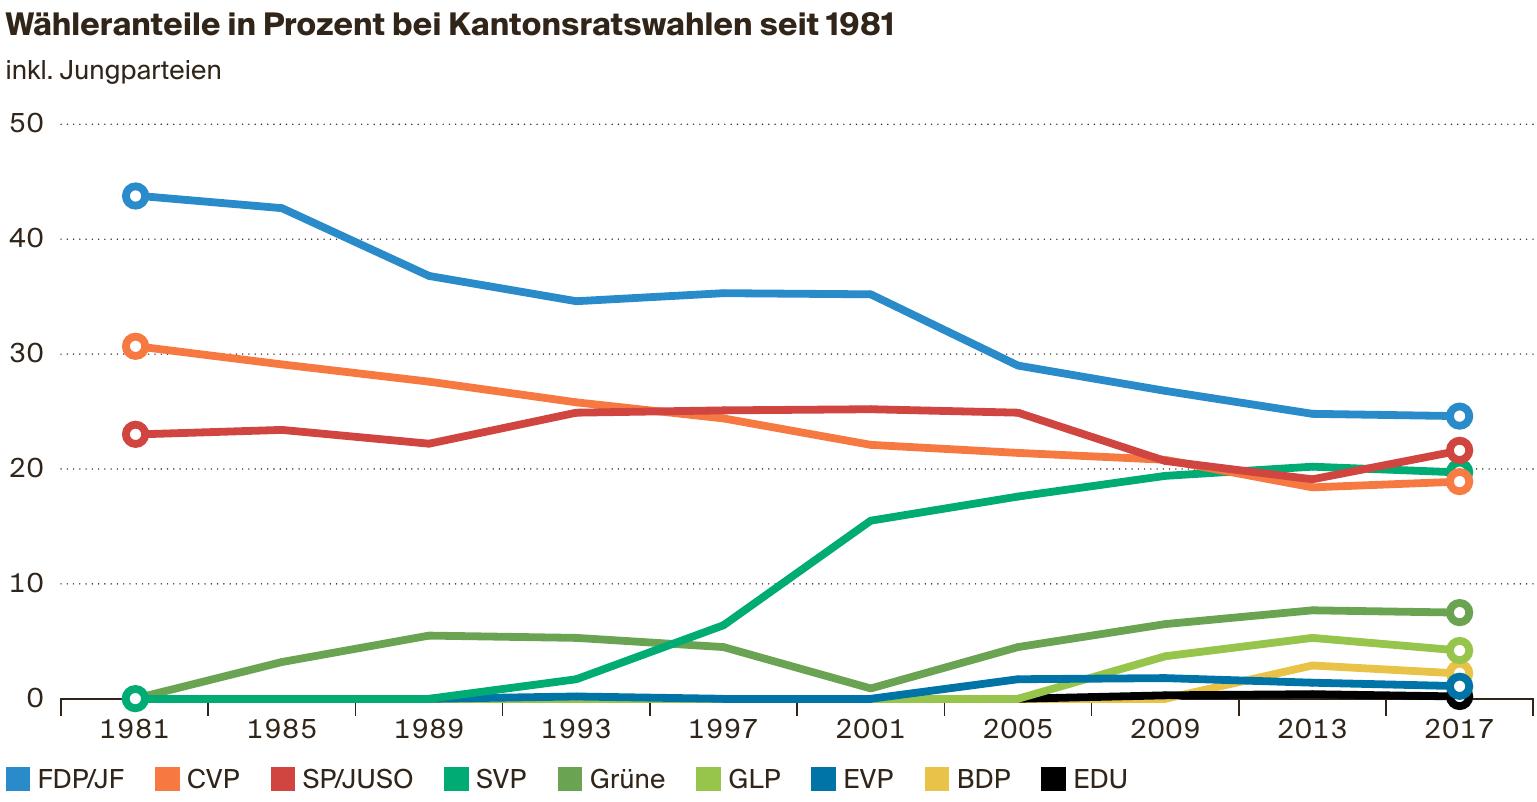 Quelle: Staatskanzlei Kanton Solothurn/Grafik: let